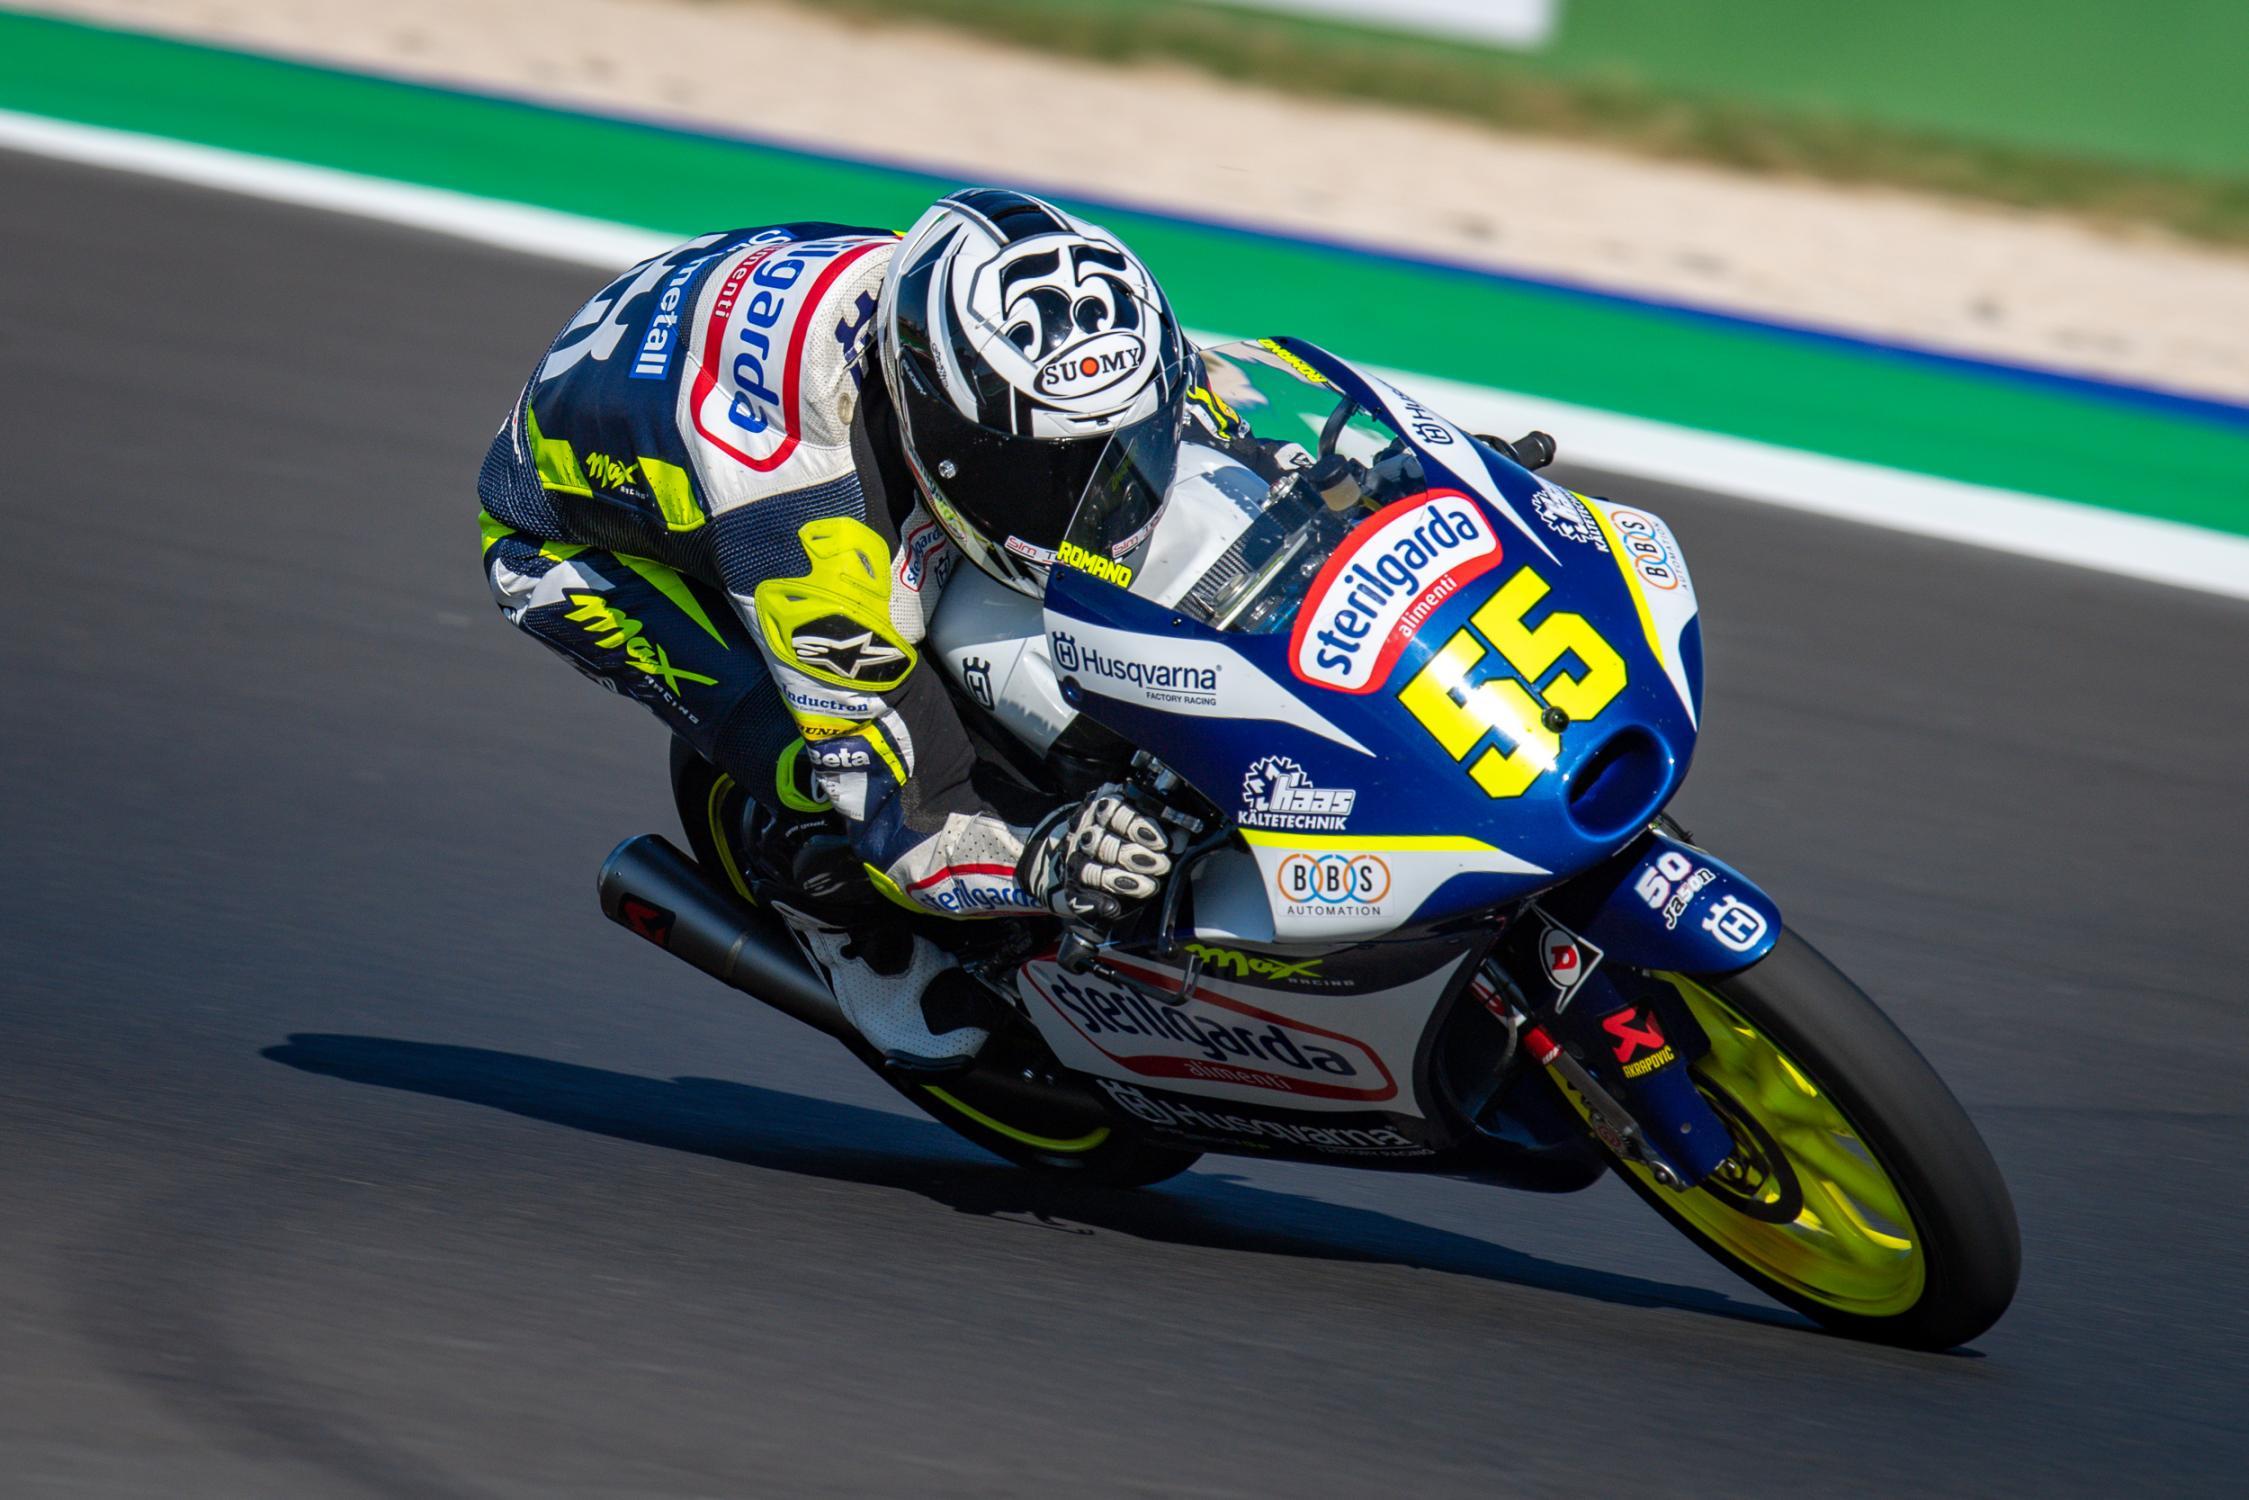 """Featured image for """"Moto 3: Romano Fenati Takes Pole Position in Misano"""""""